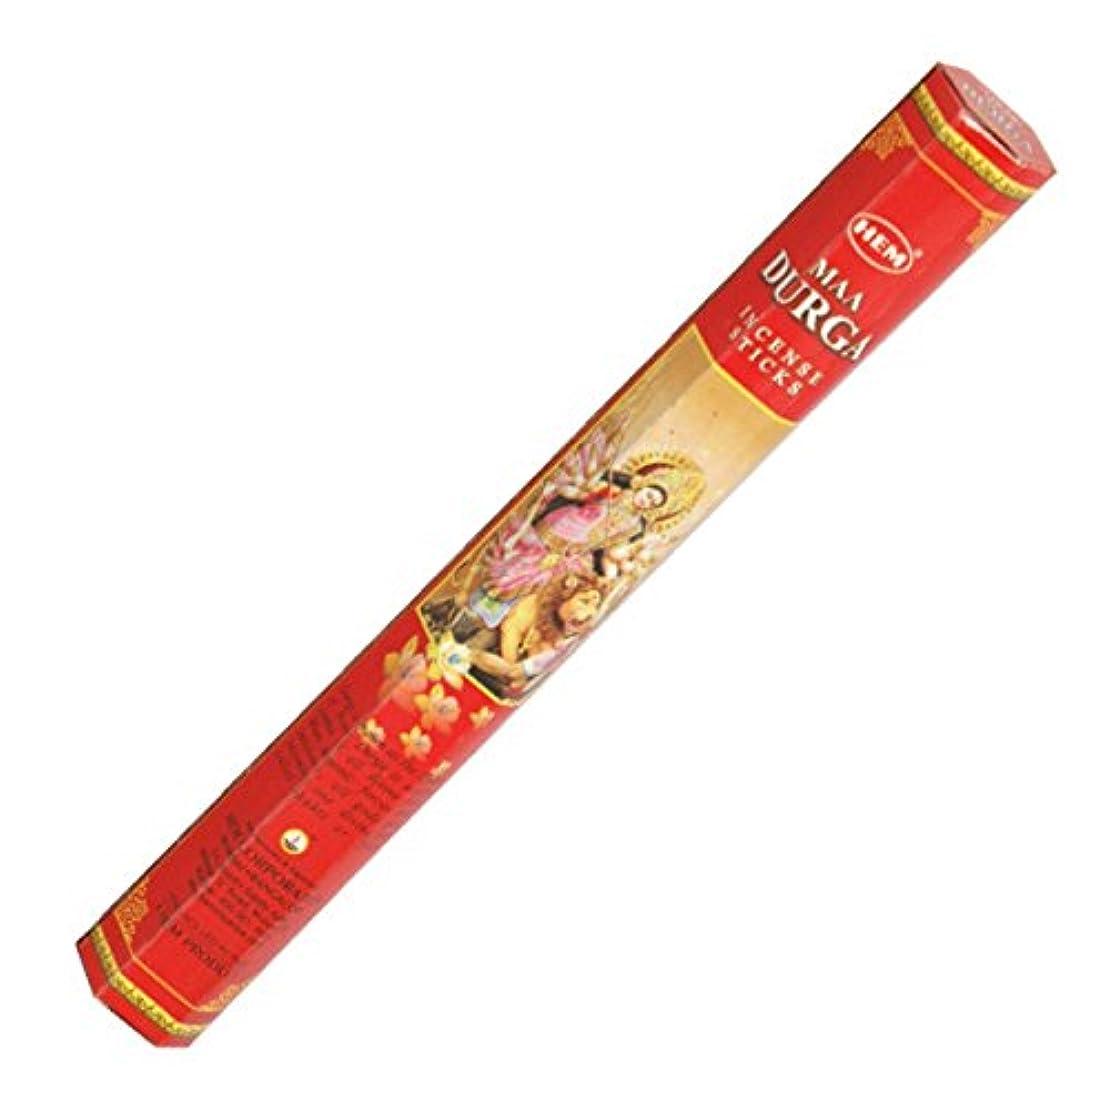 シーサイド平和的足音HEM(ヘム) ドルガ DURGA スティックタイプ お香 1筒 単品 [並行輸入品]